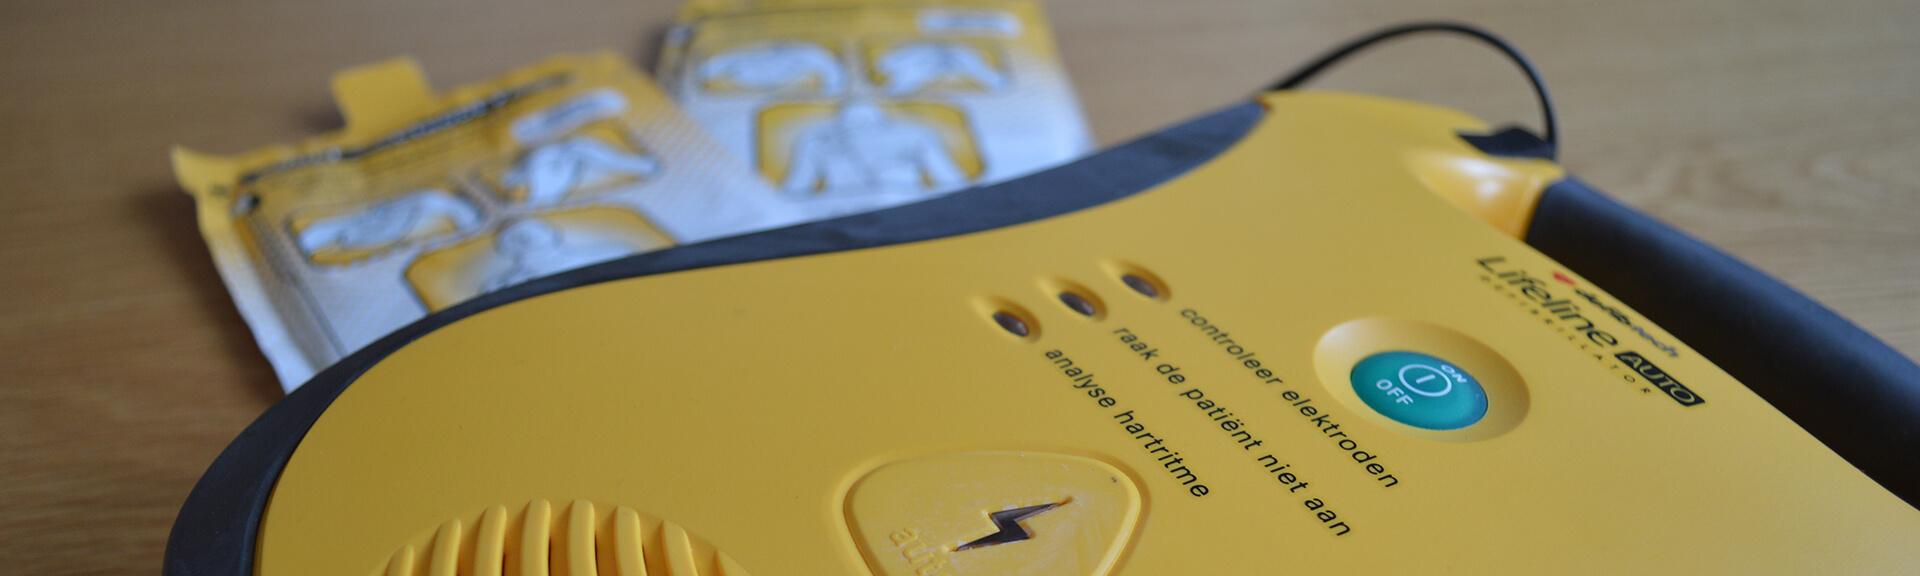 Reanimatie + AED